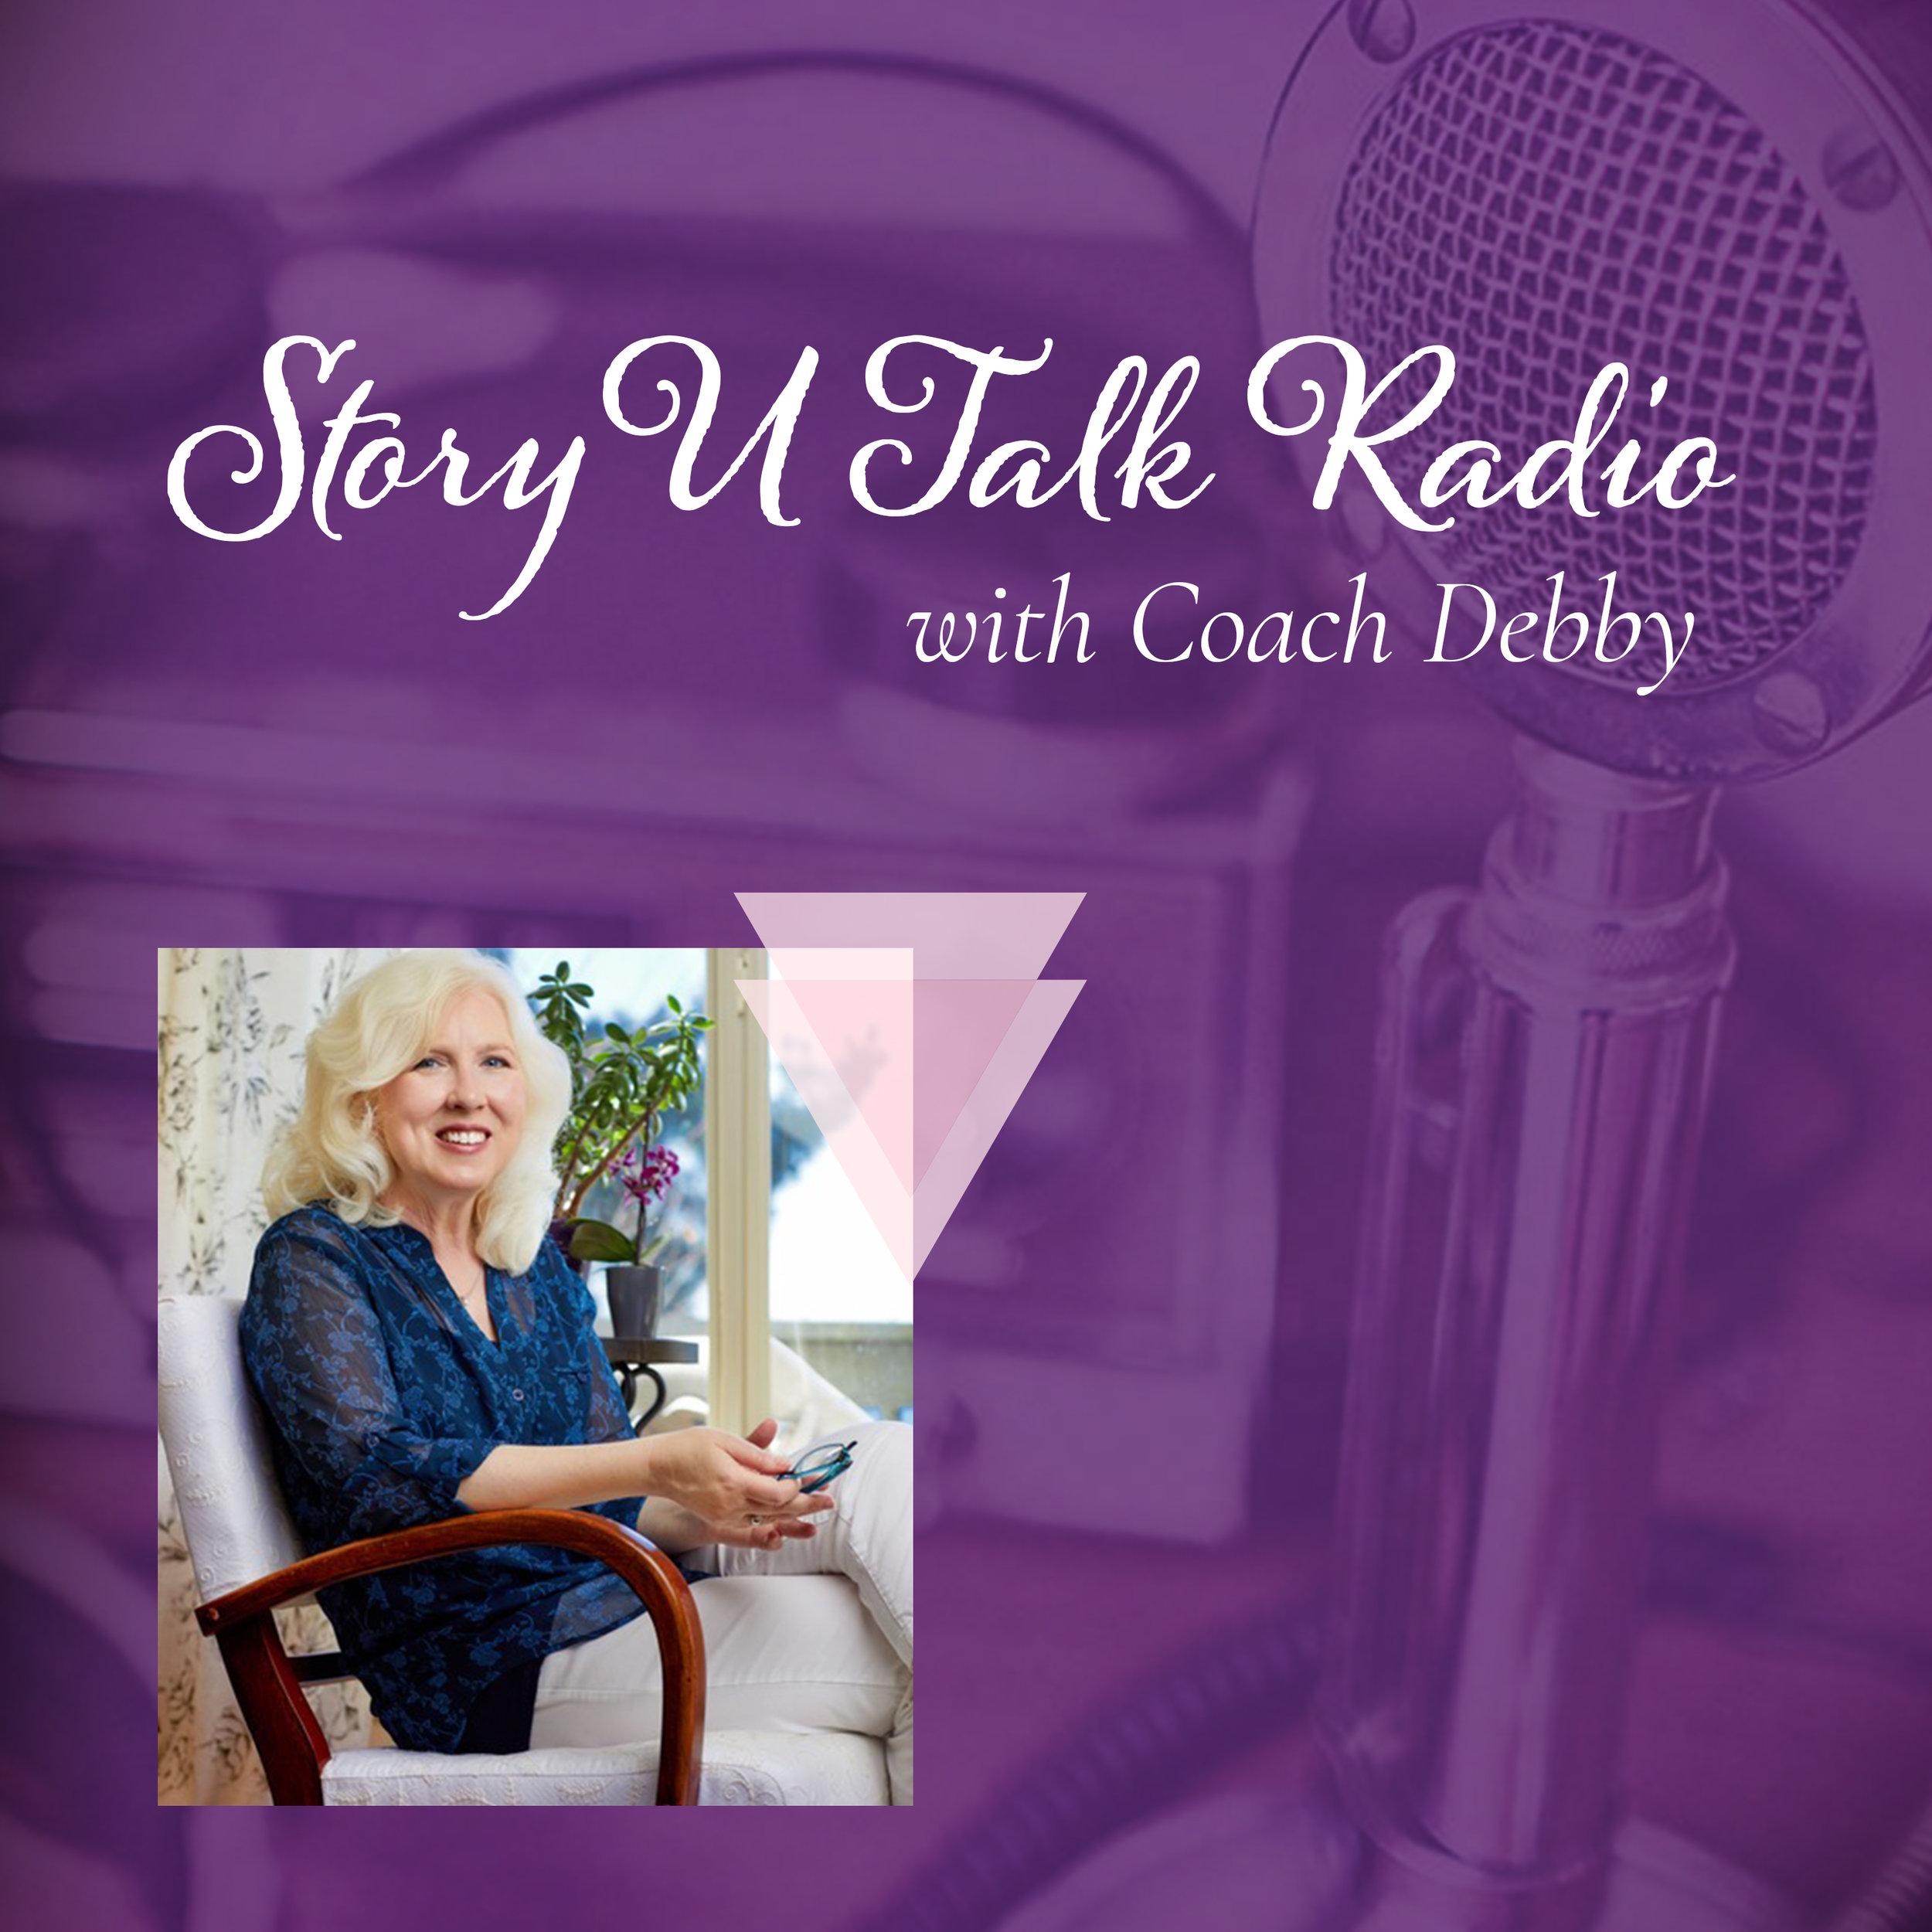 www.coachdebby.com/radio